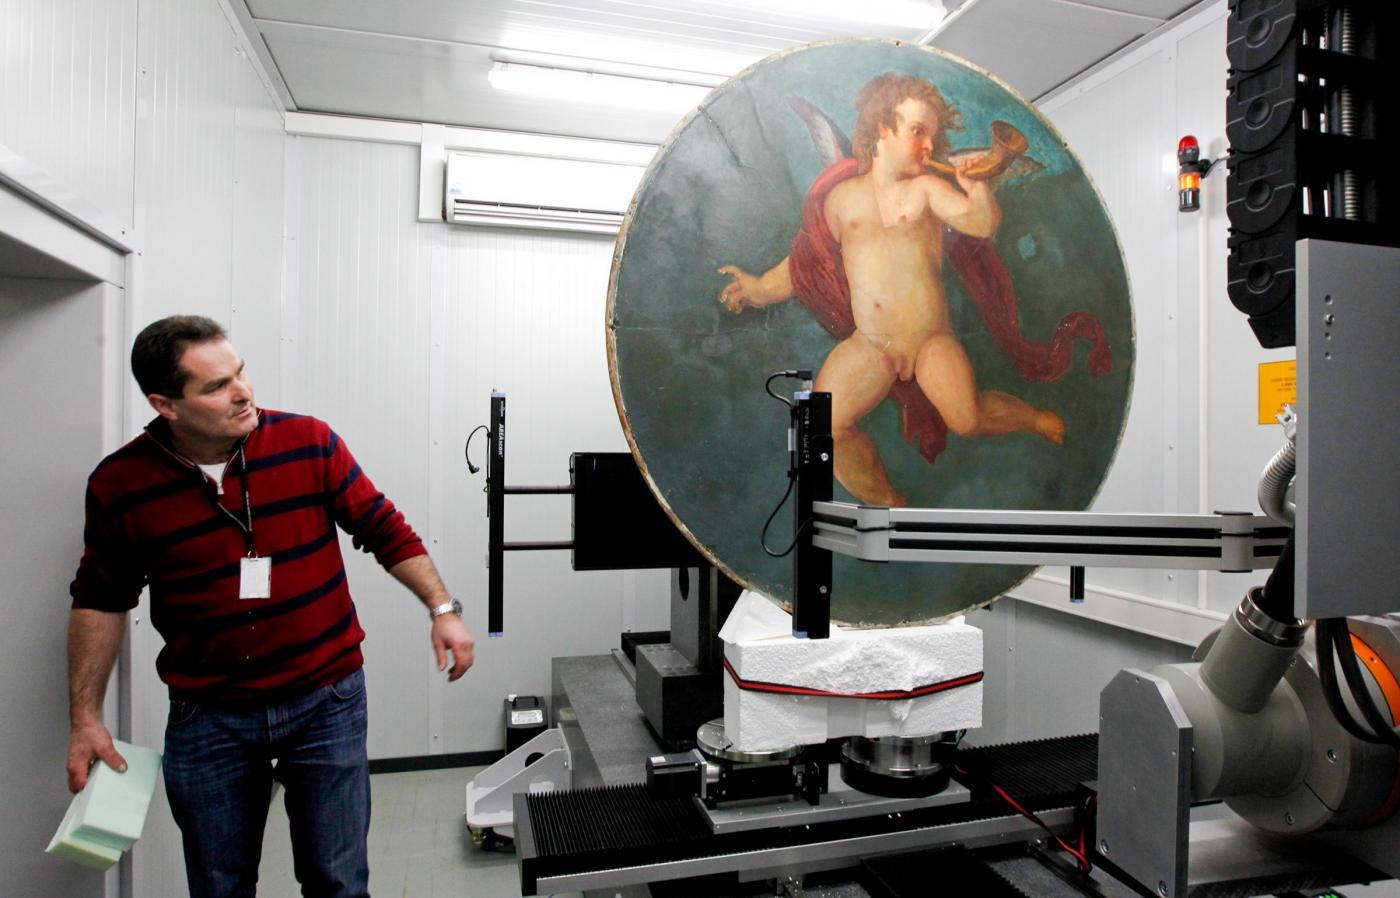 Trovato un quadro forse dipinto da Klimt07